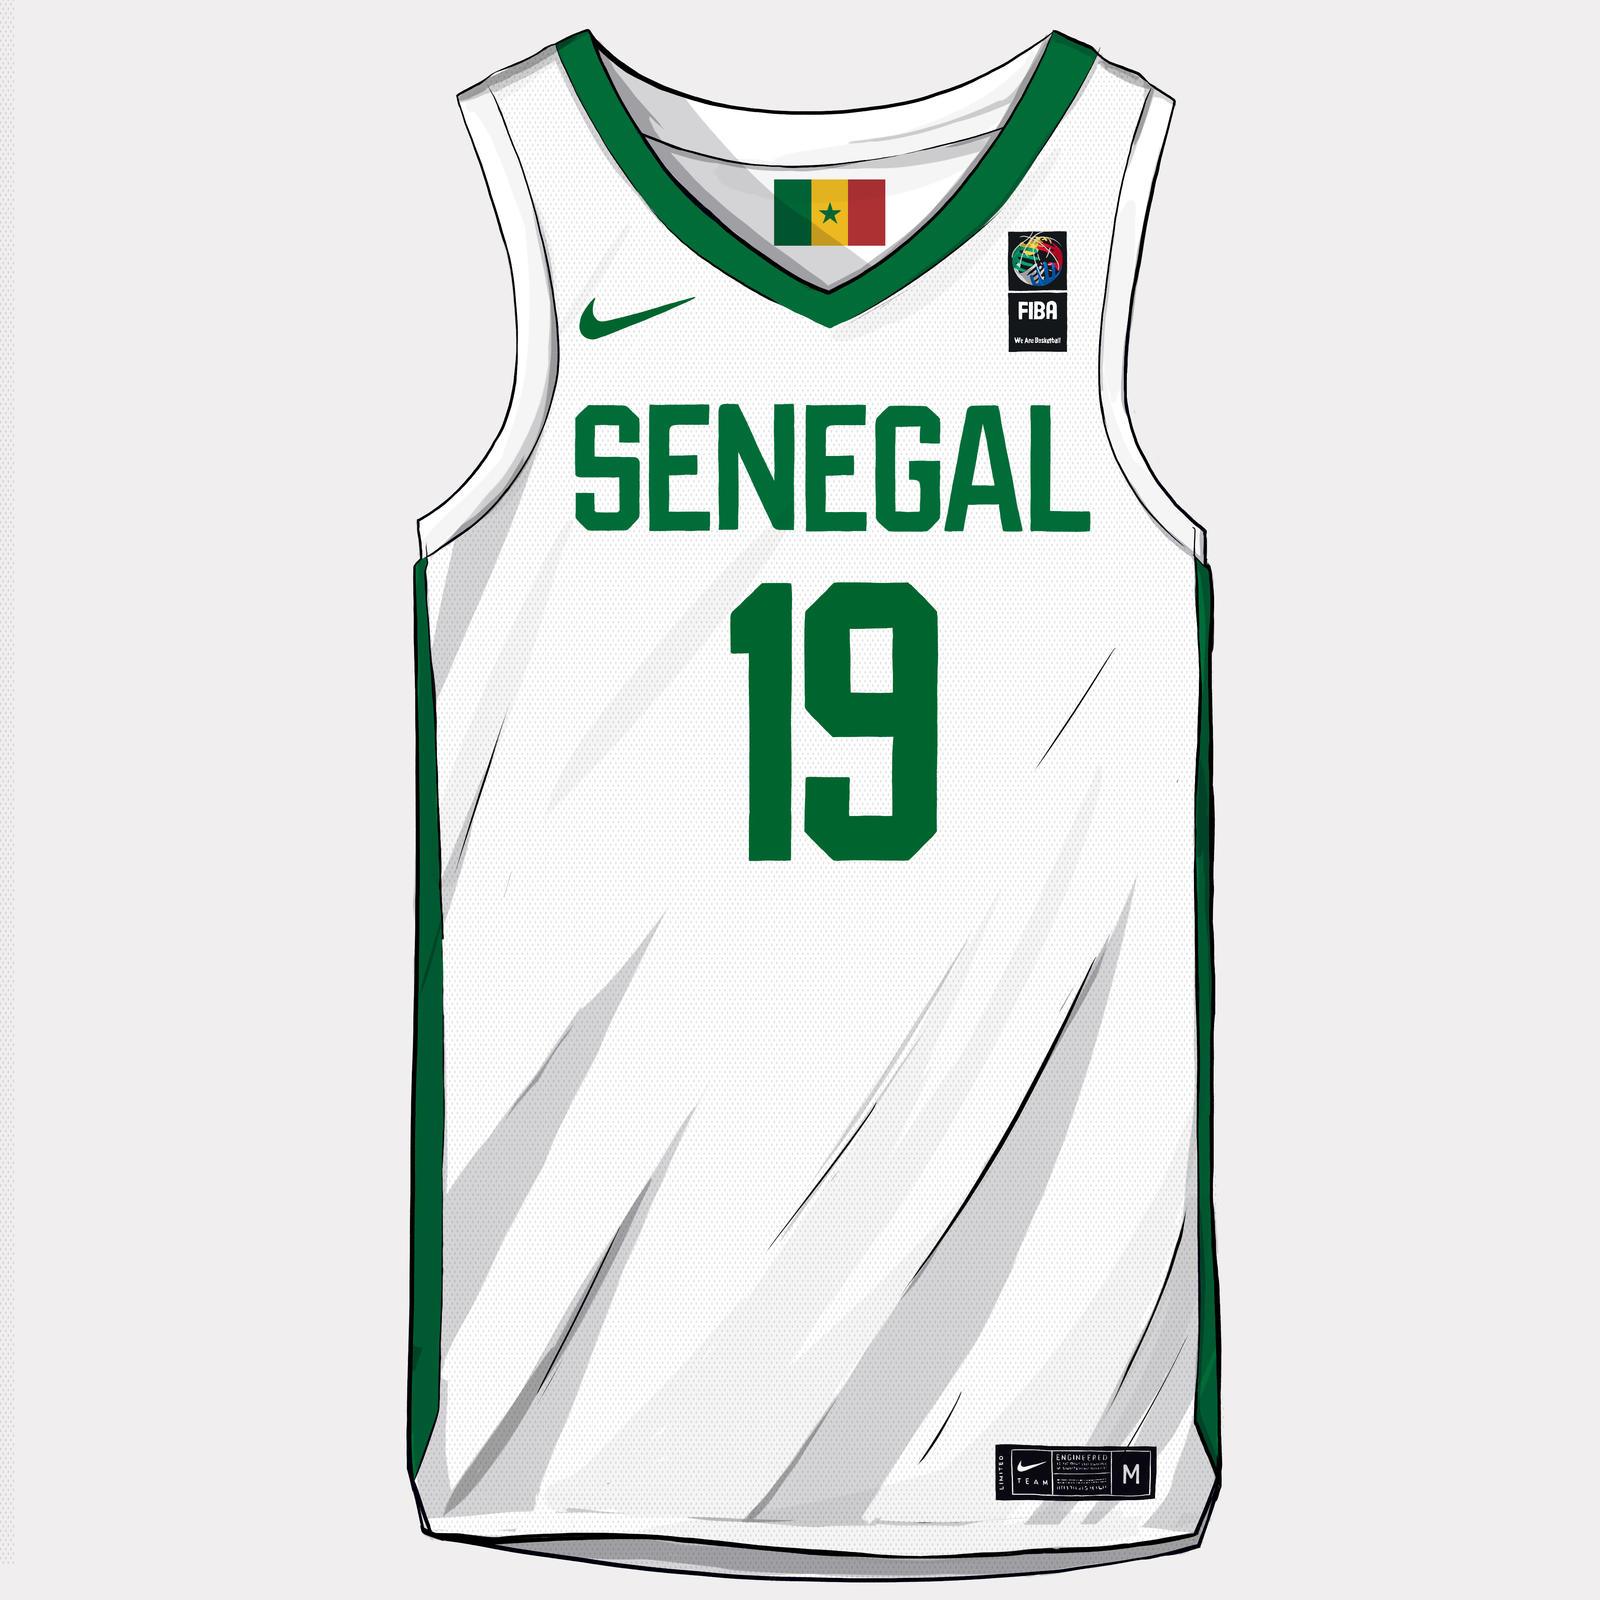 nike-news_senegal-national-team-kit-2019-illustration-1x1_2_89527.jpg